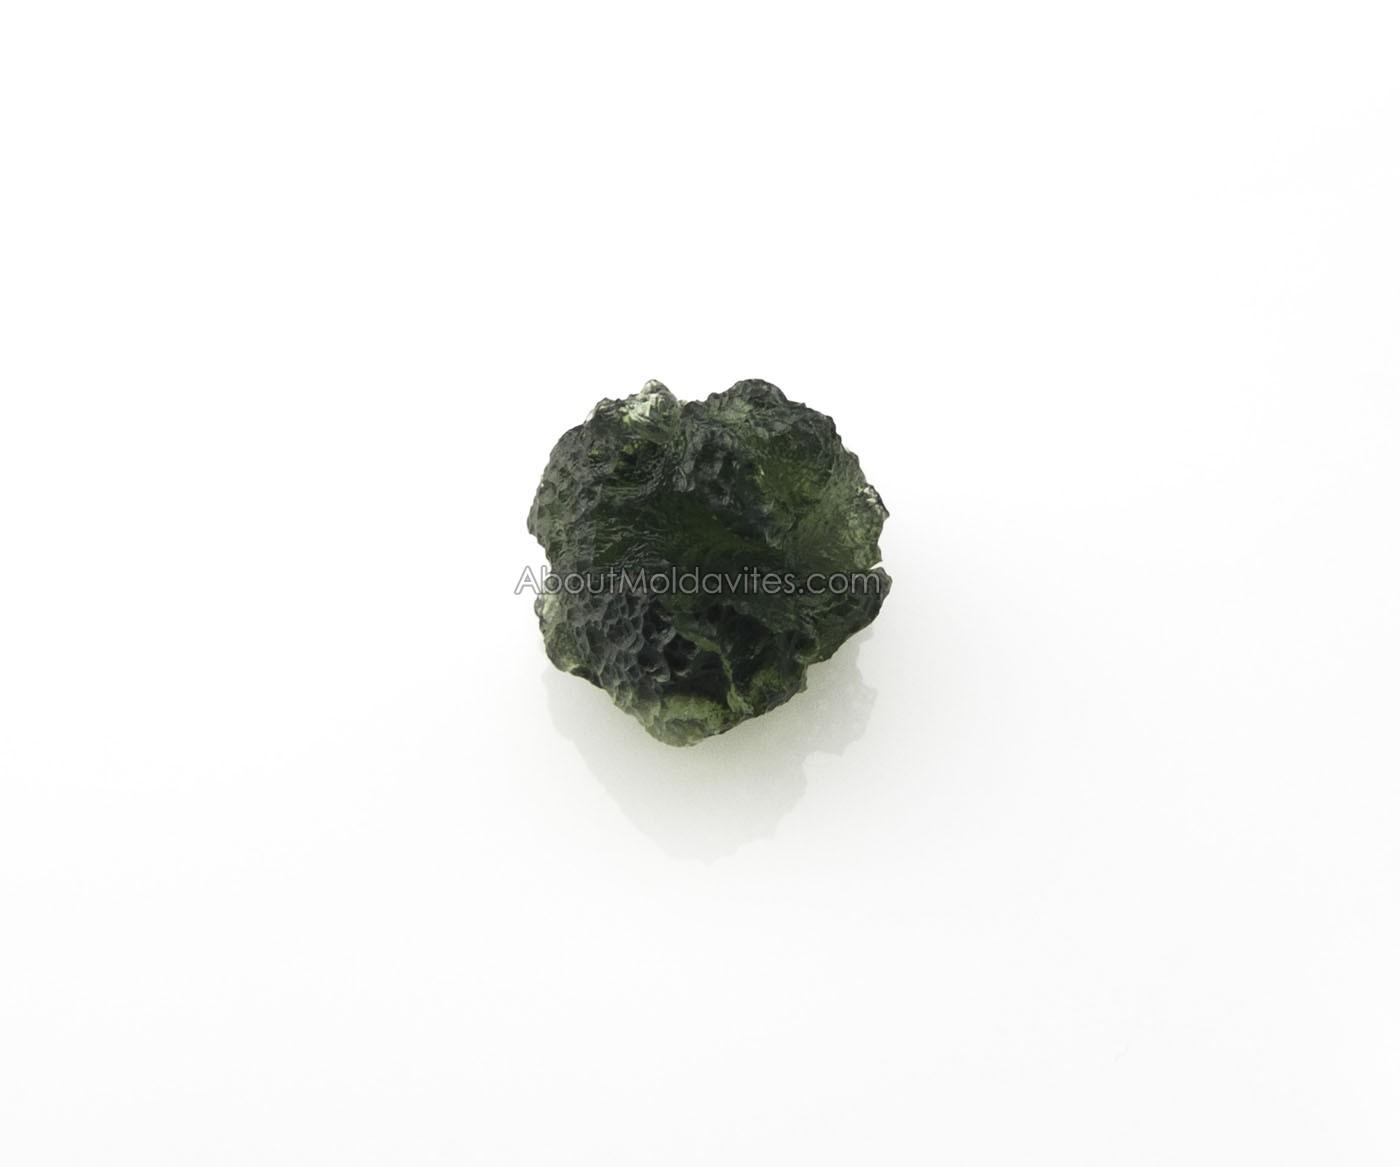 Sphere - moldavite